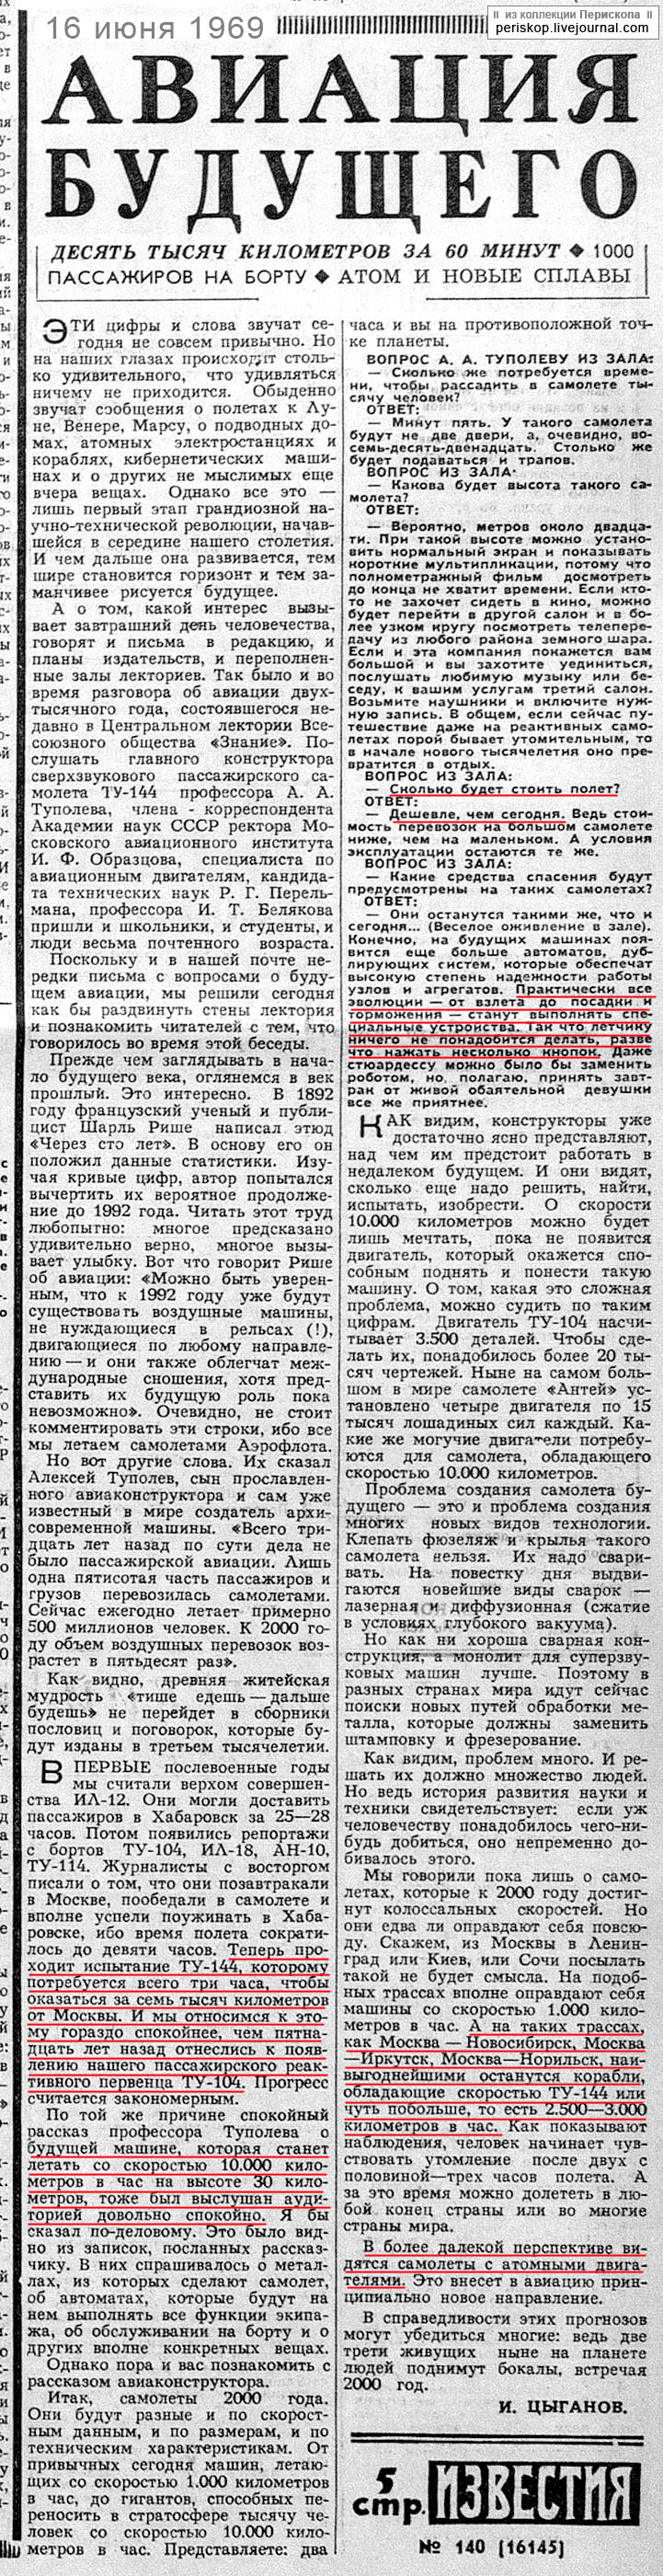 Что думали про перспективы авиации в СССР полвека назад